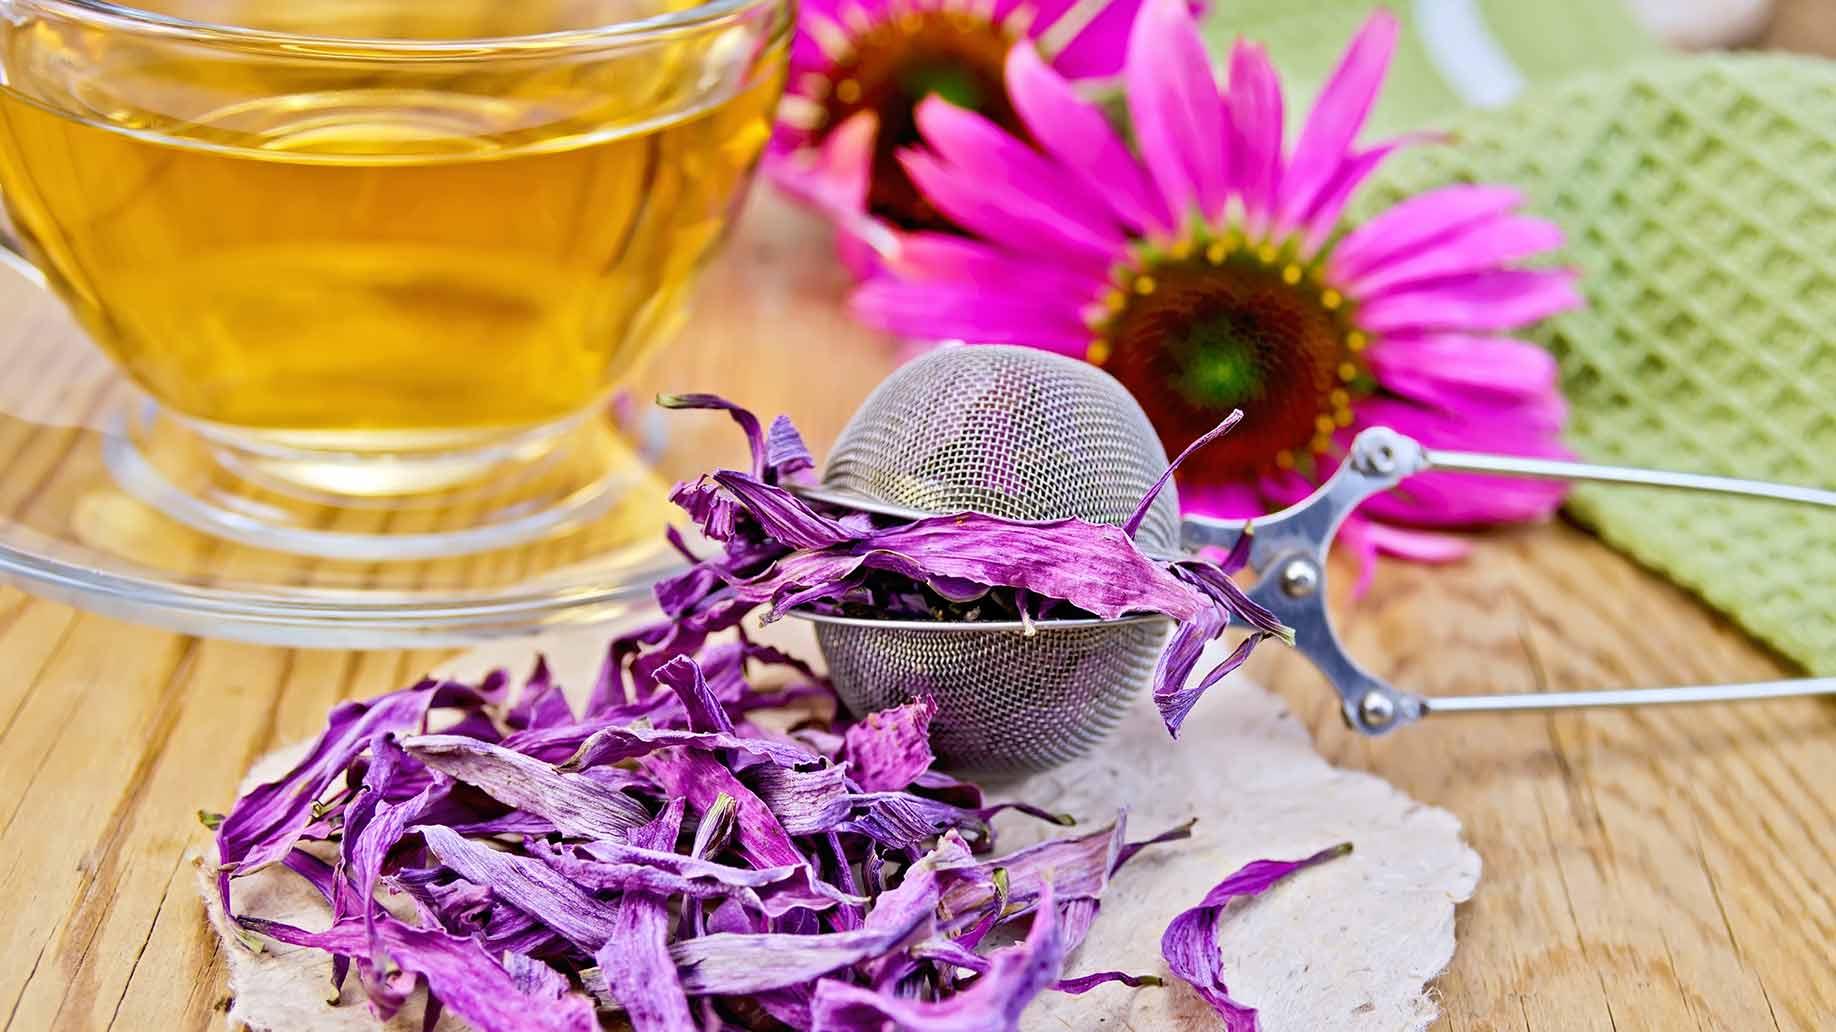 echinacea pink flowers dried loose leaves tea